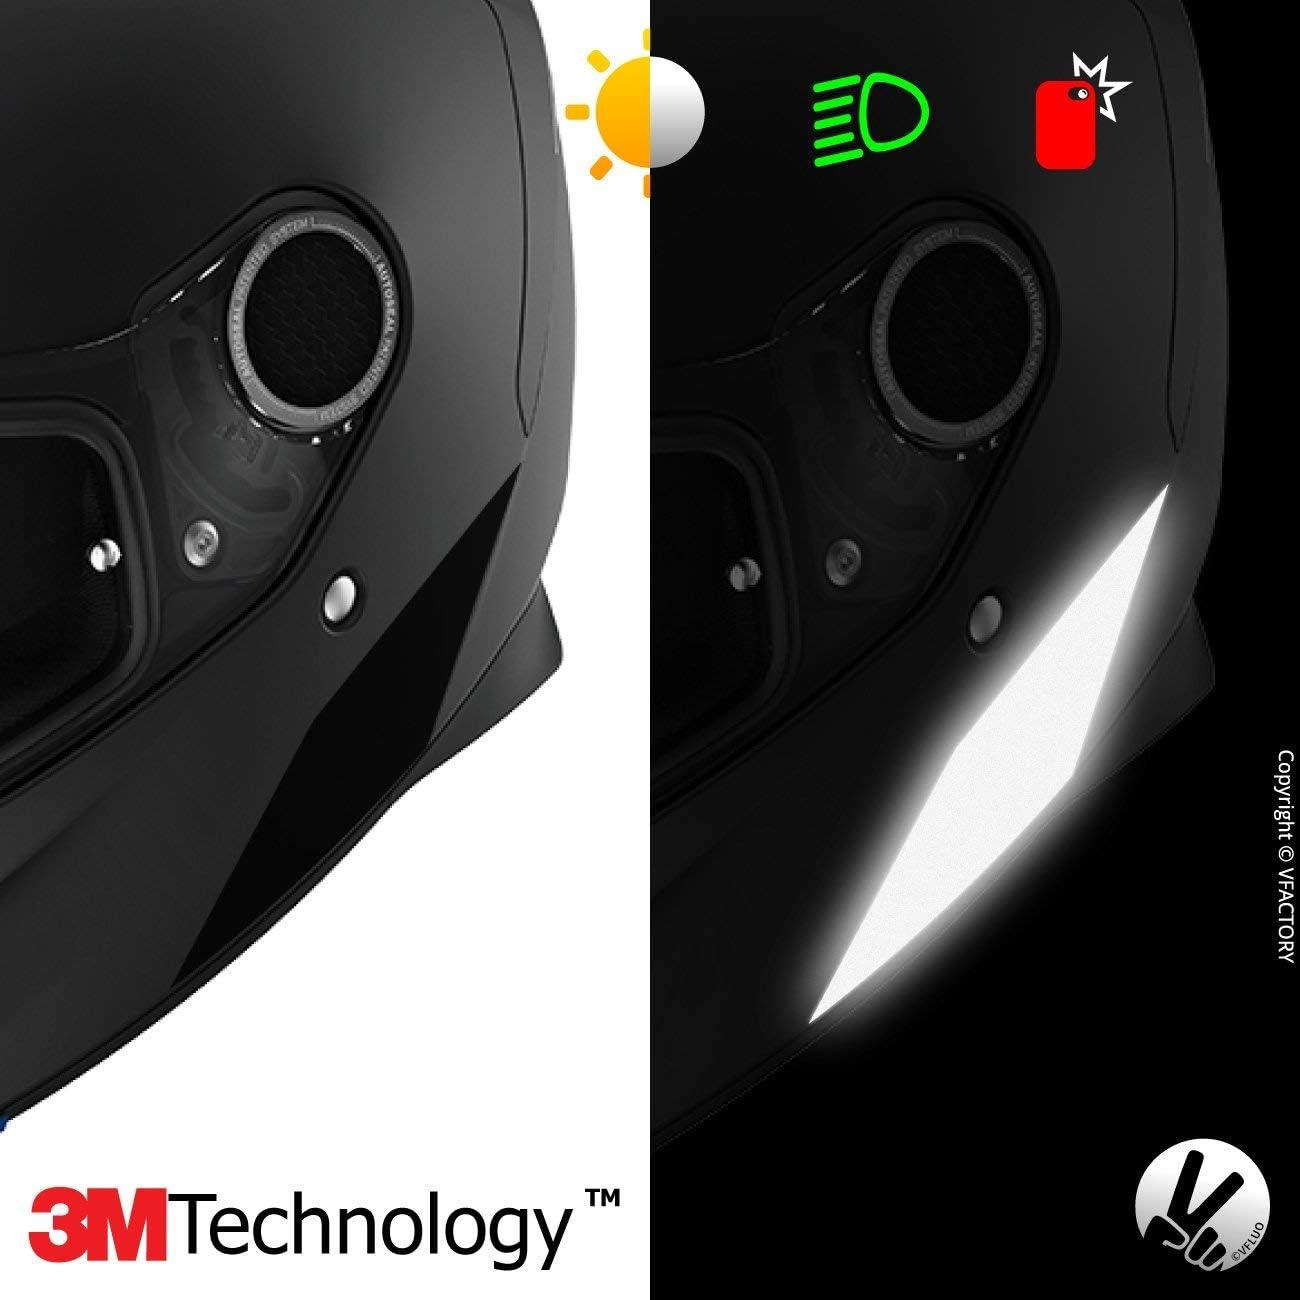 Fluoreszierend gelb Kit 4 reflektierende Aufkleber Shark Spartan/™ VFLUO Spartan/™, 2er Set 3M Technology/™ kompatibel mit Allen Motorradhelmen